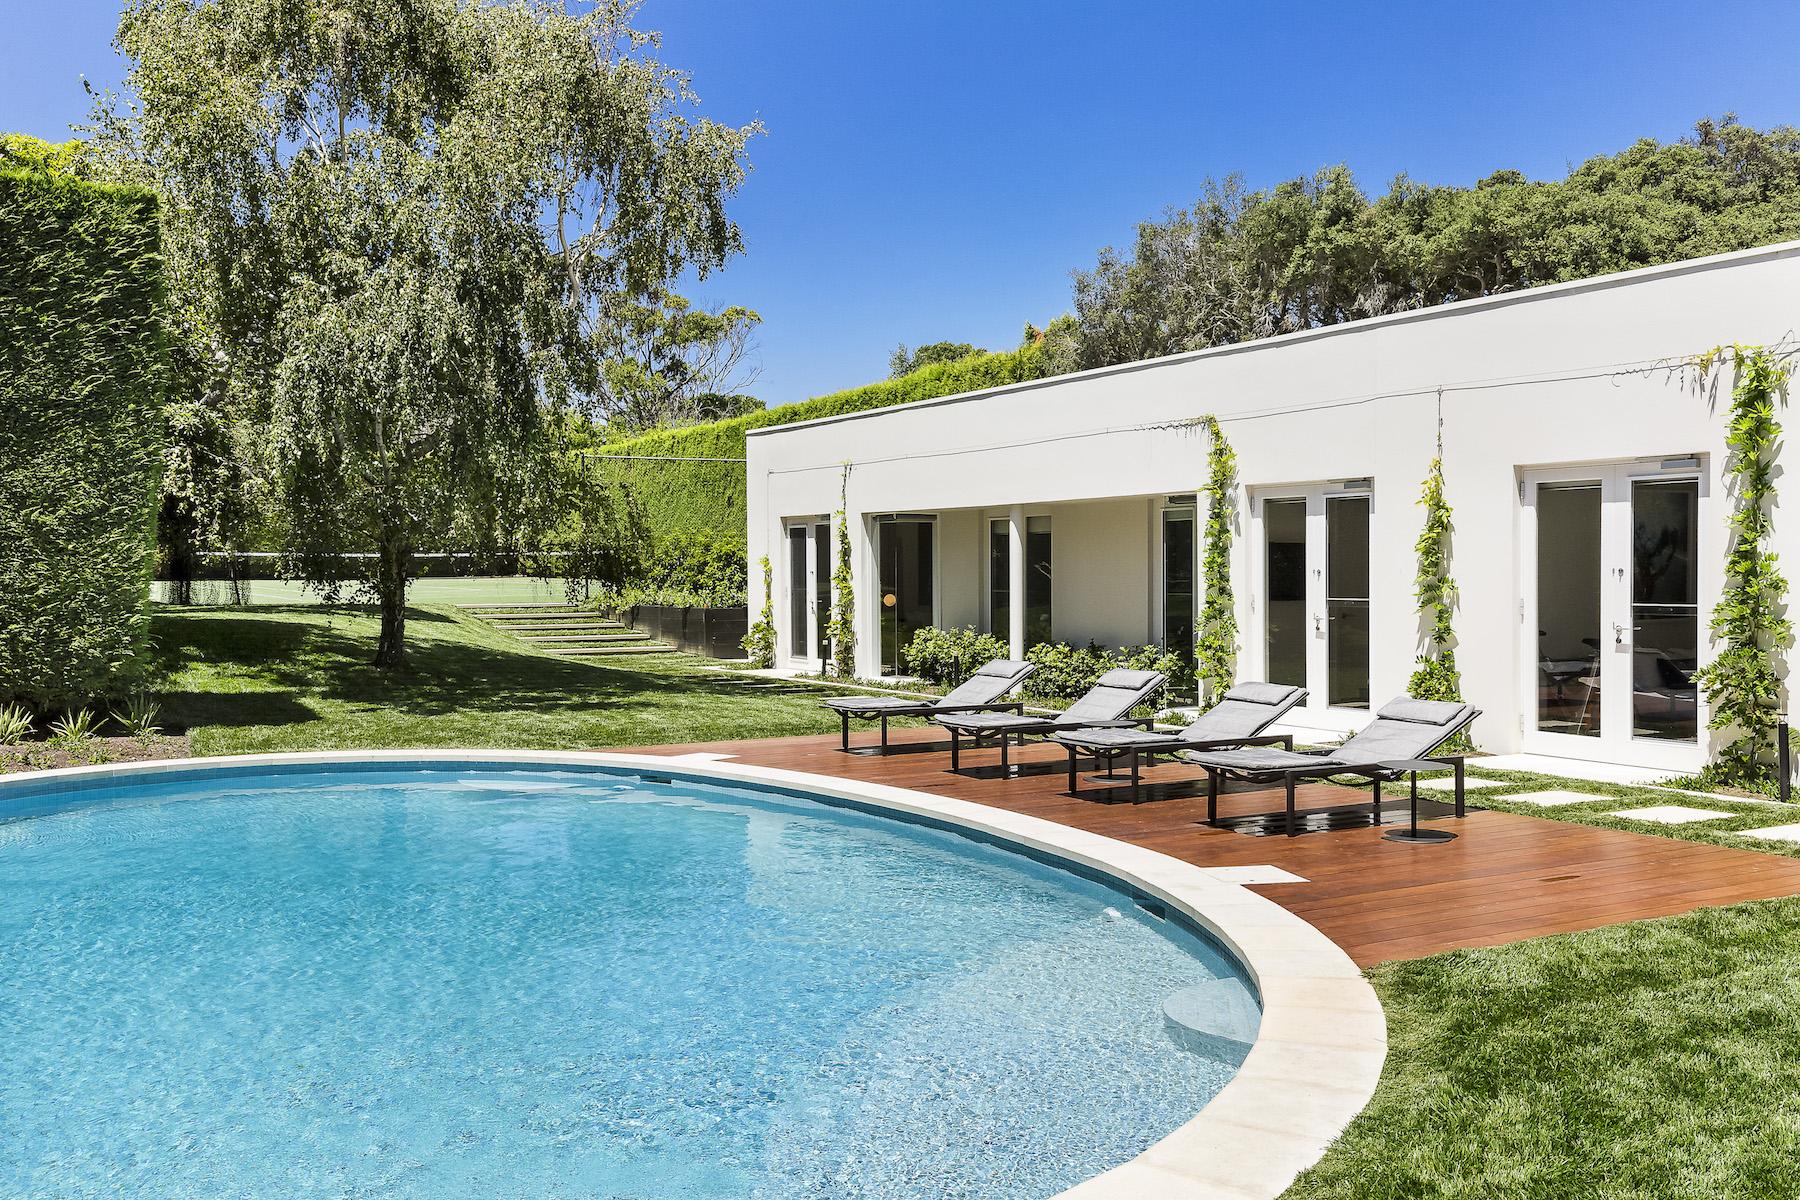 Einfamilienhaus für Verkauf beim 75 Campbells Road, Portsea Portsea, Victoria, 3944 Australien